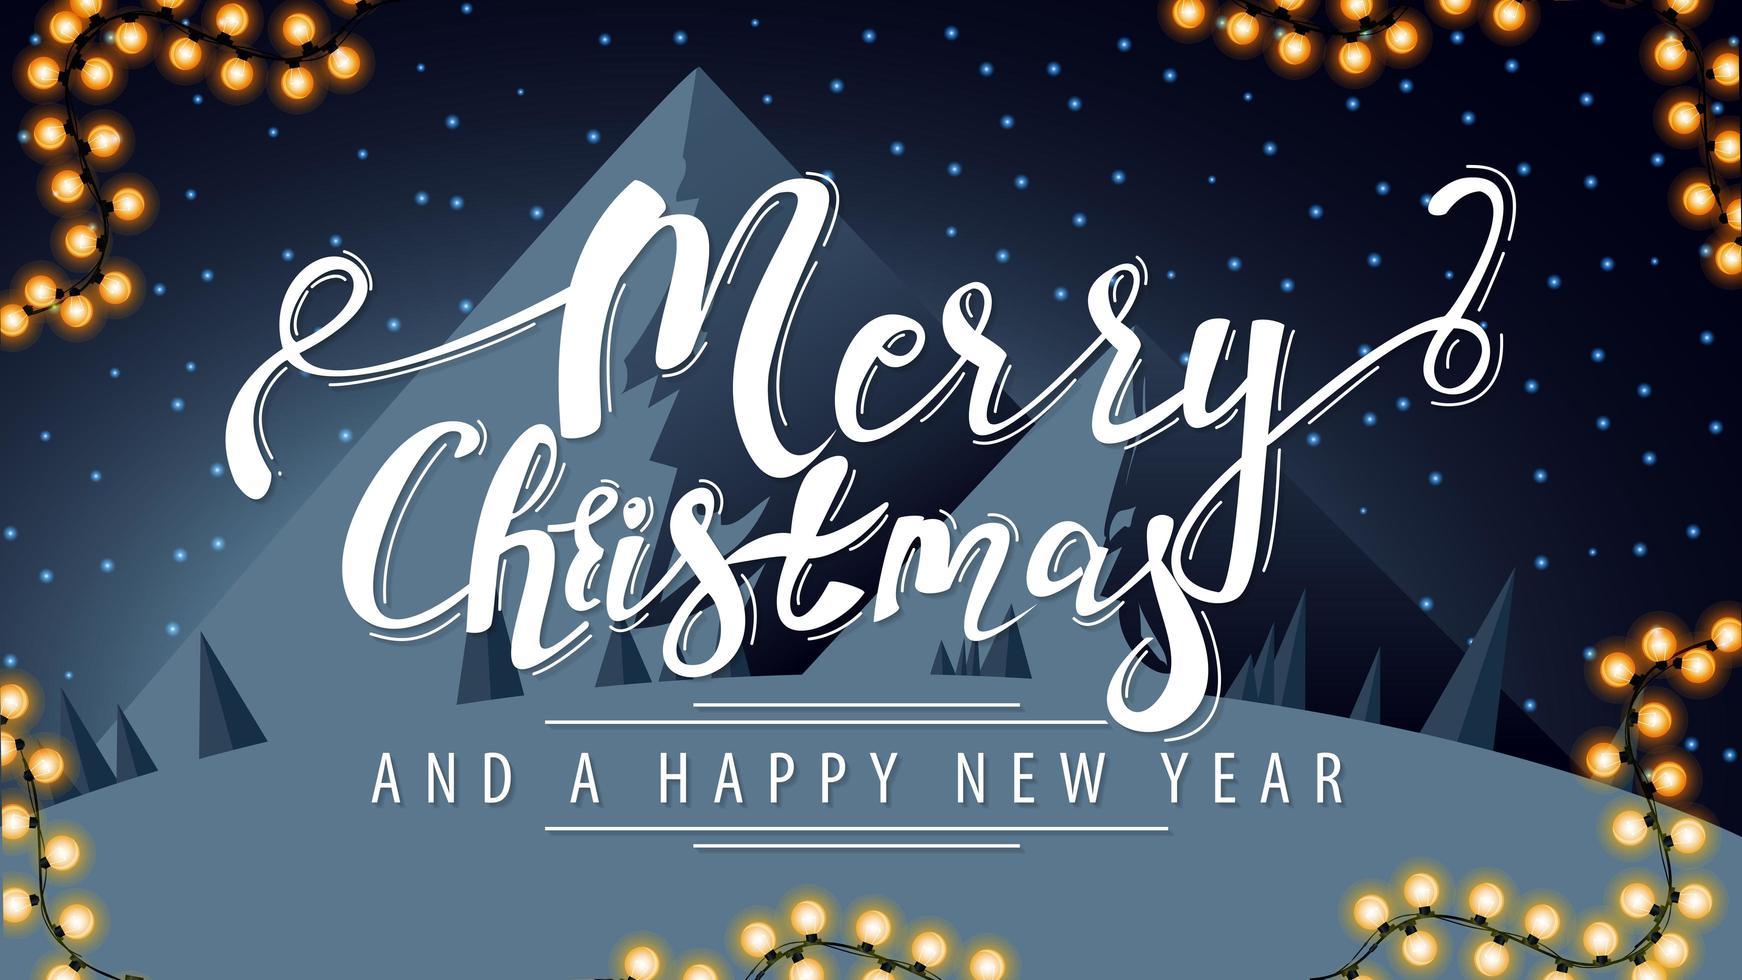 Frohe Weihnachten, Grußpostkarte mit weißer Schrift vektor